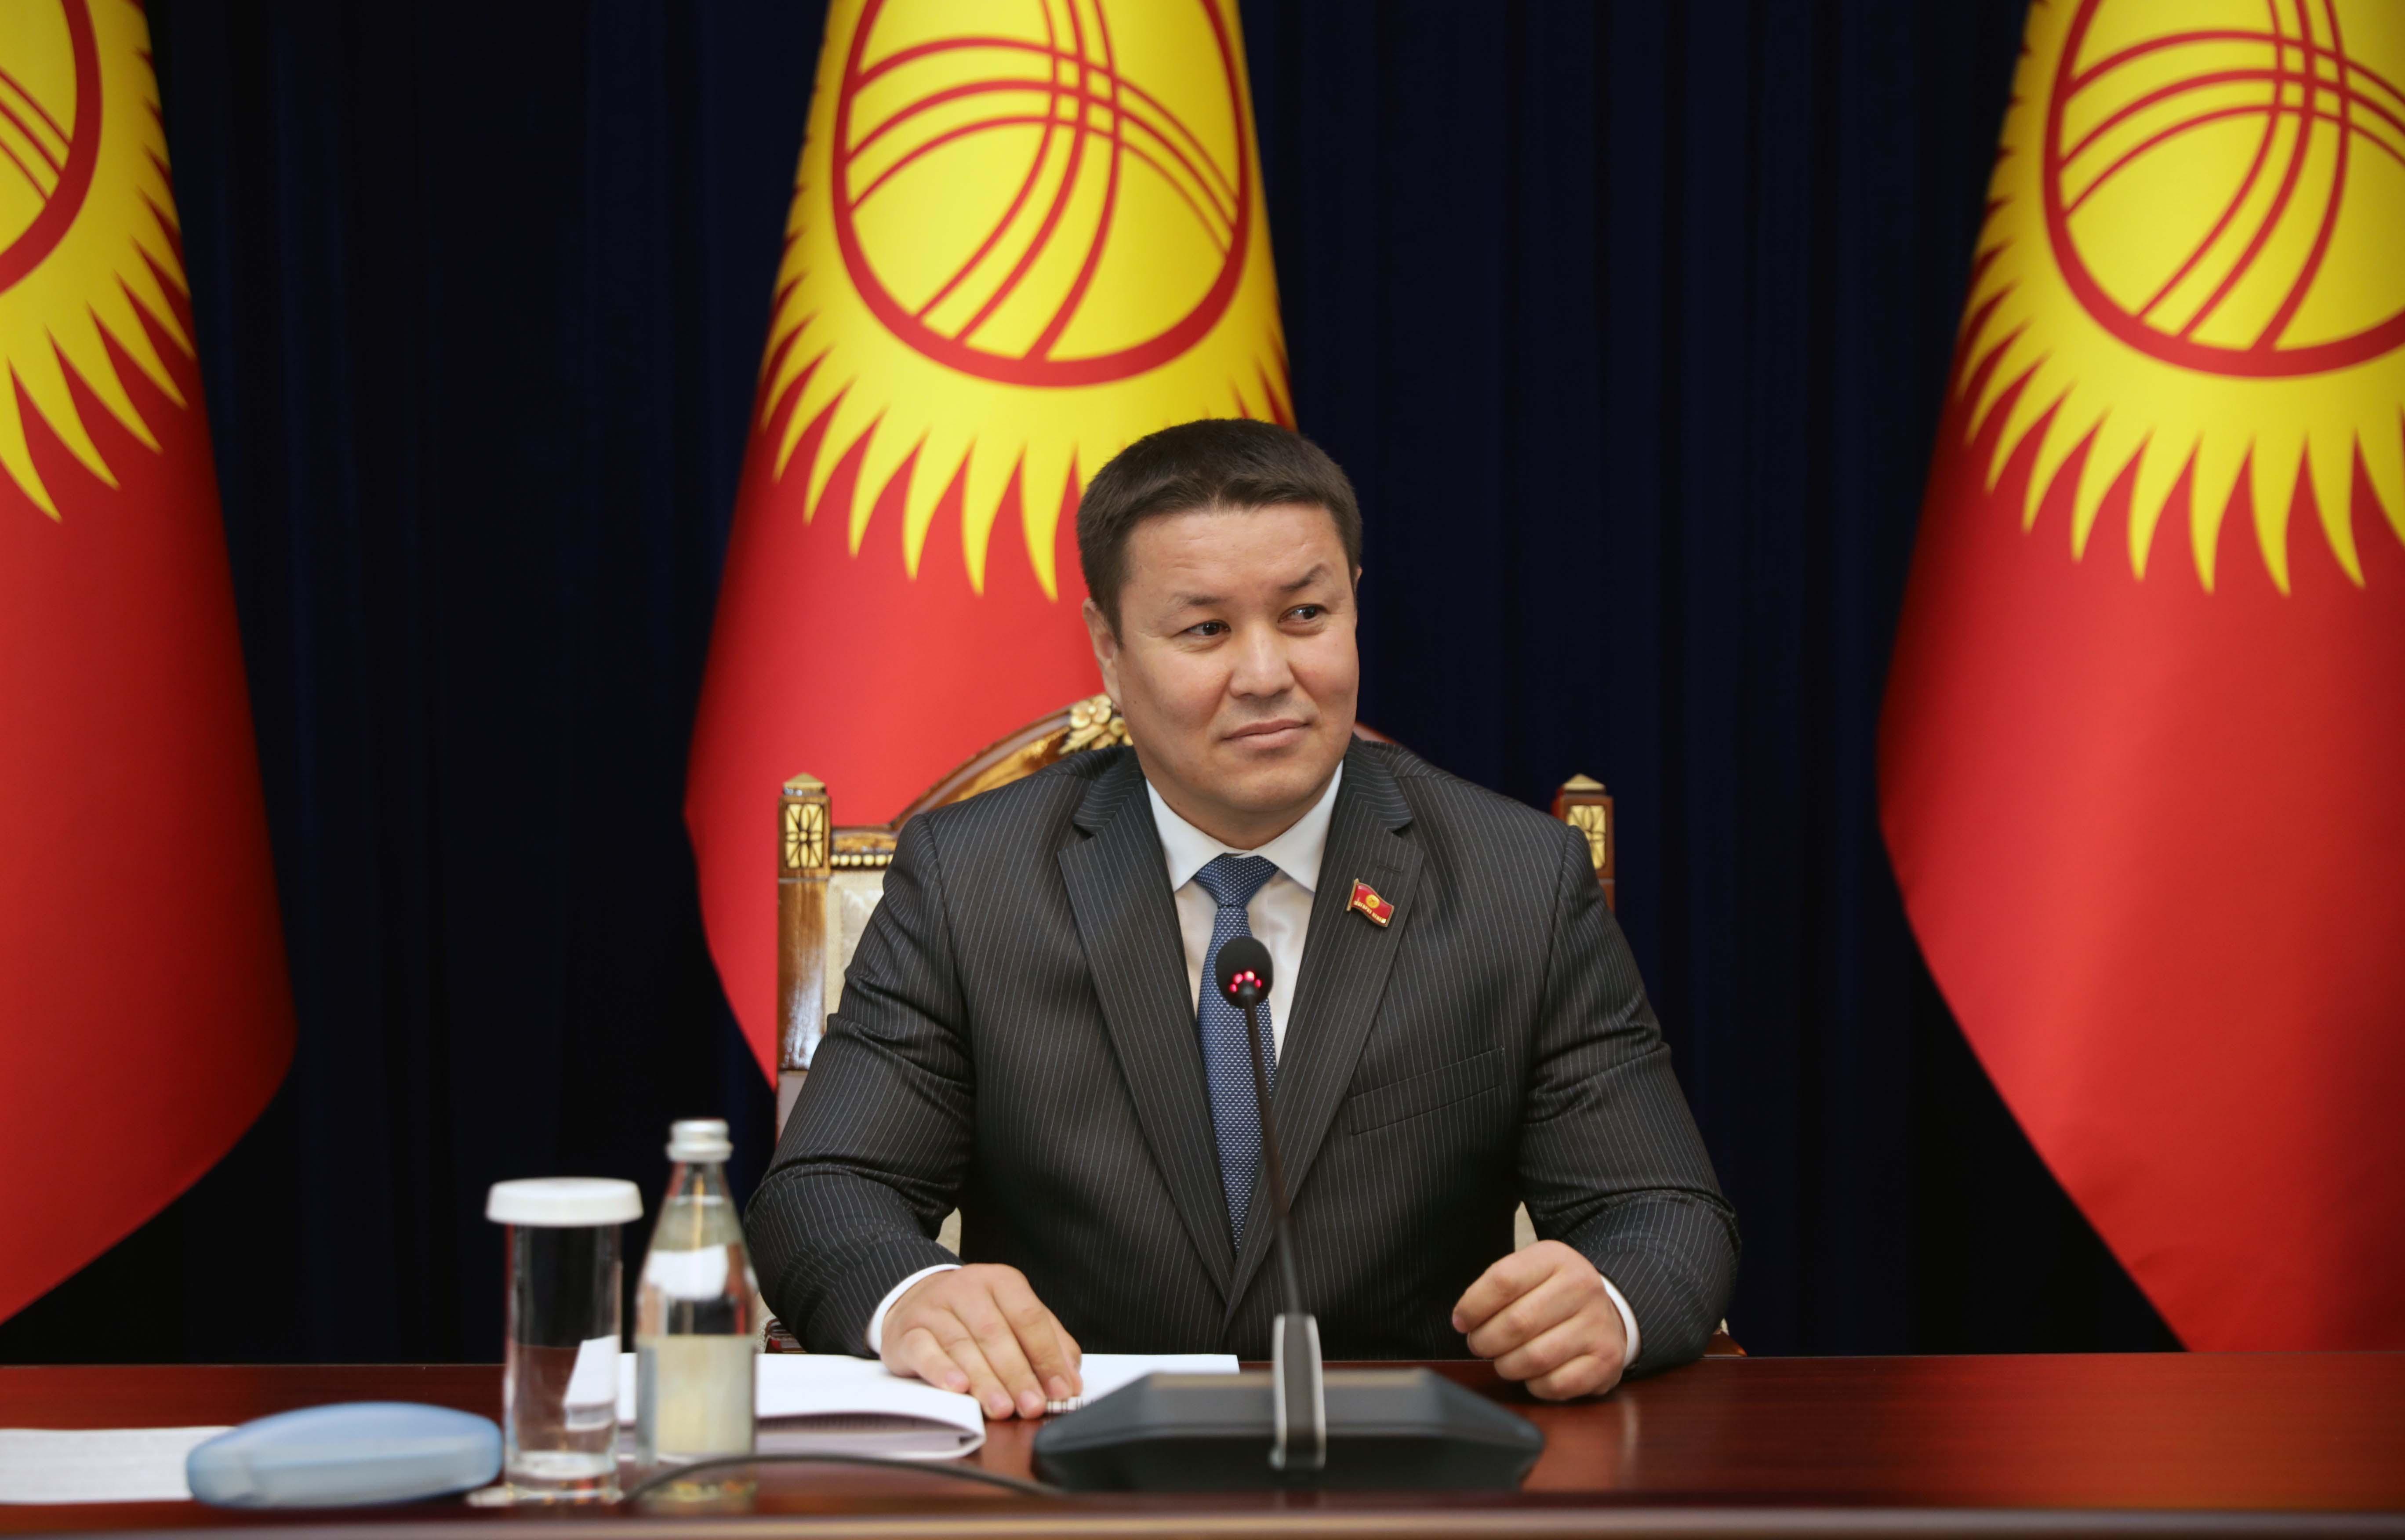 Le Secrétaire Général Félicité le Président du Kirghizistan